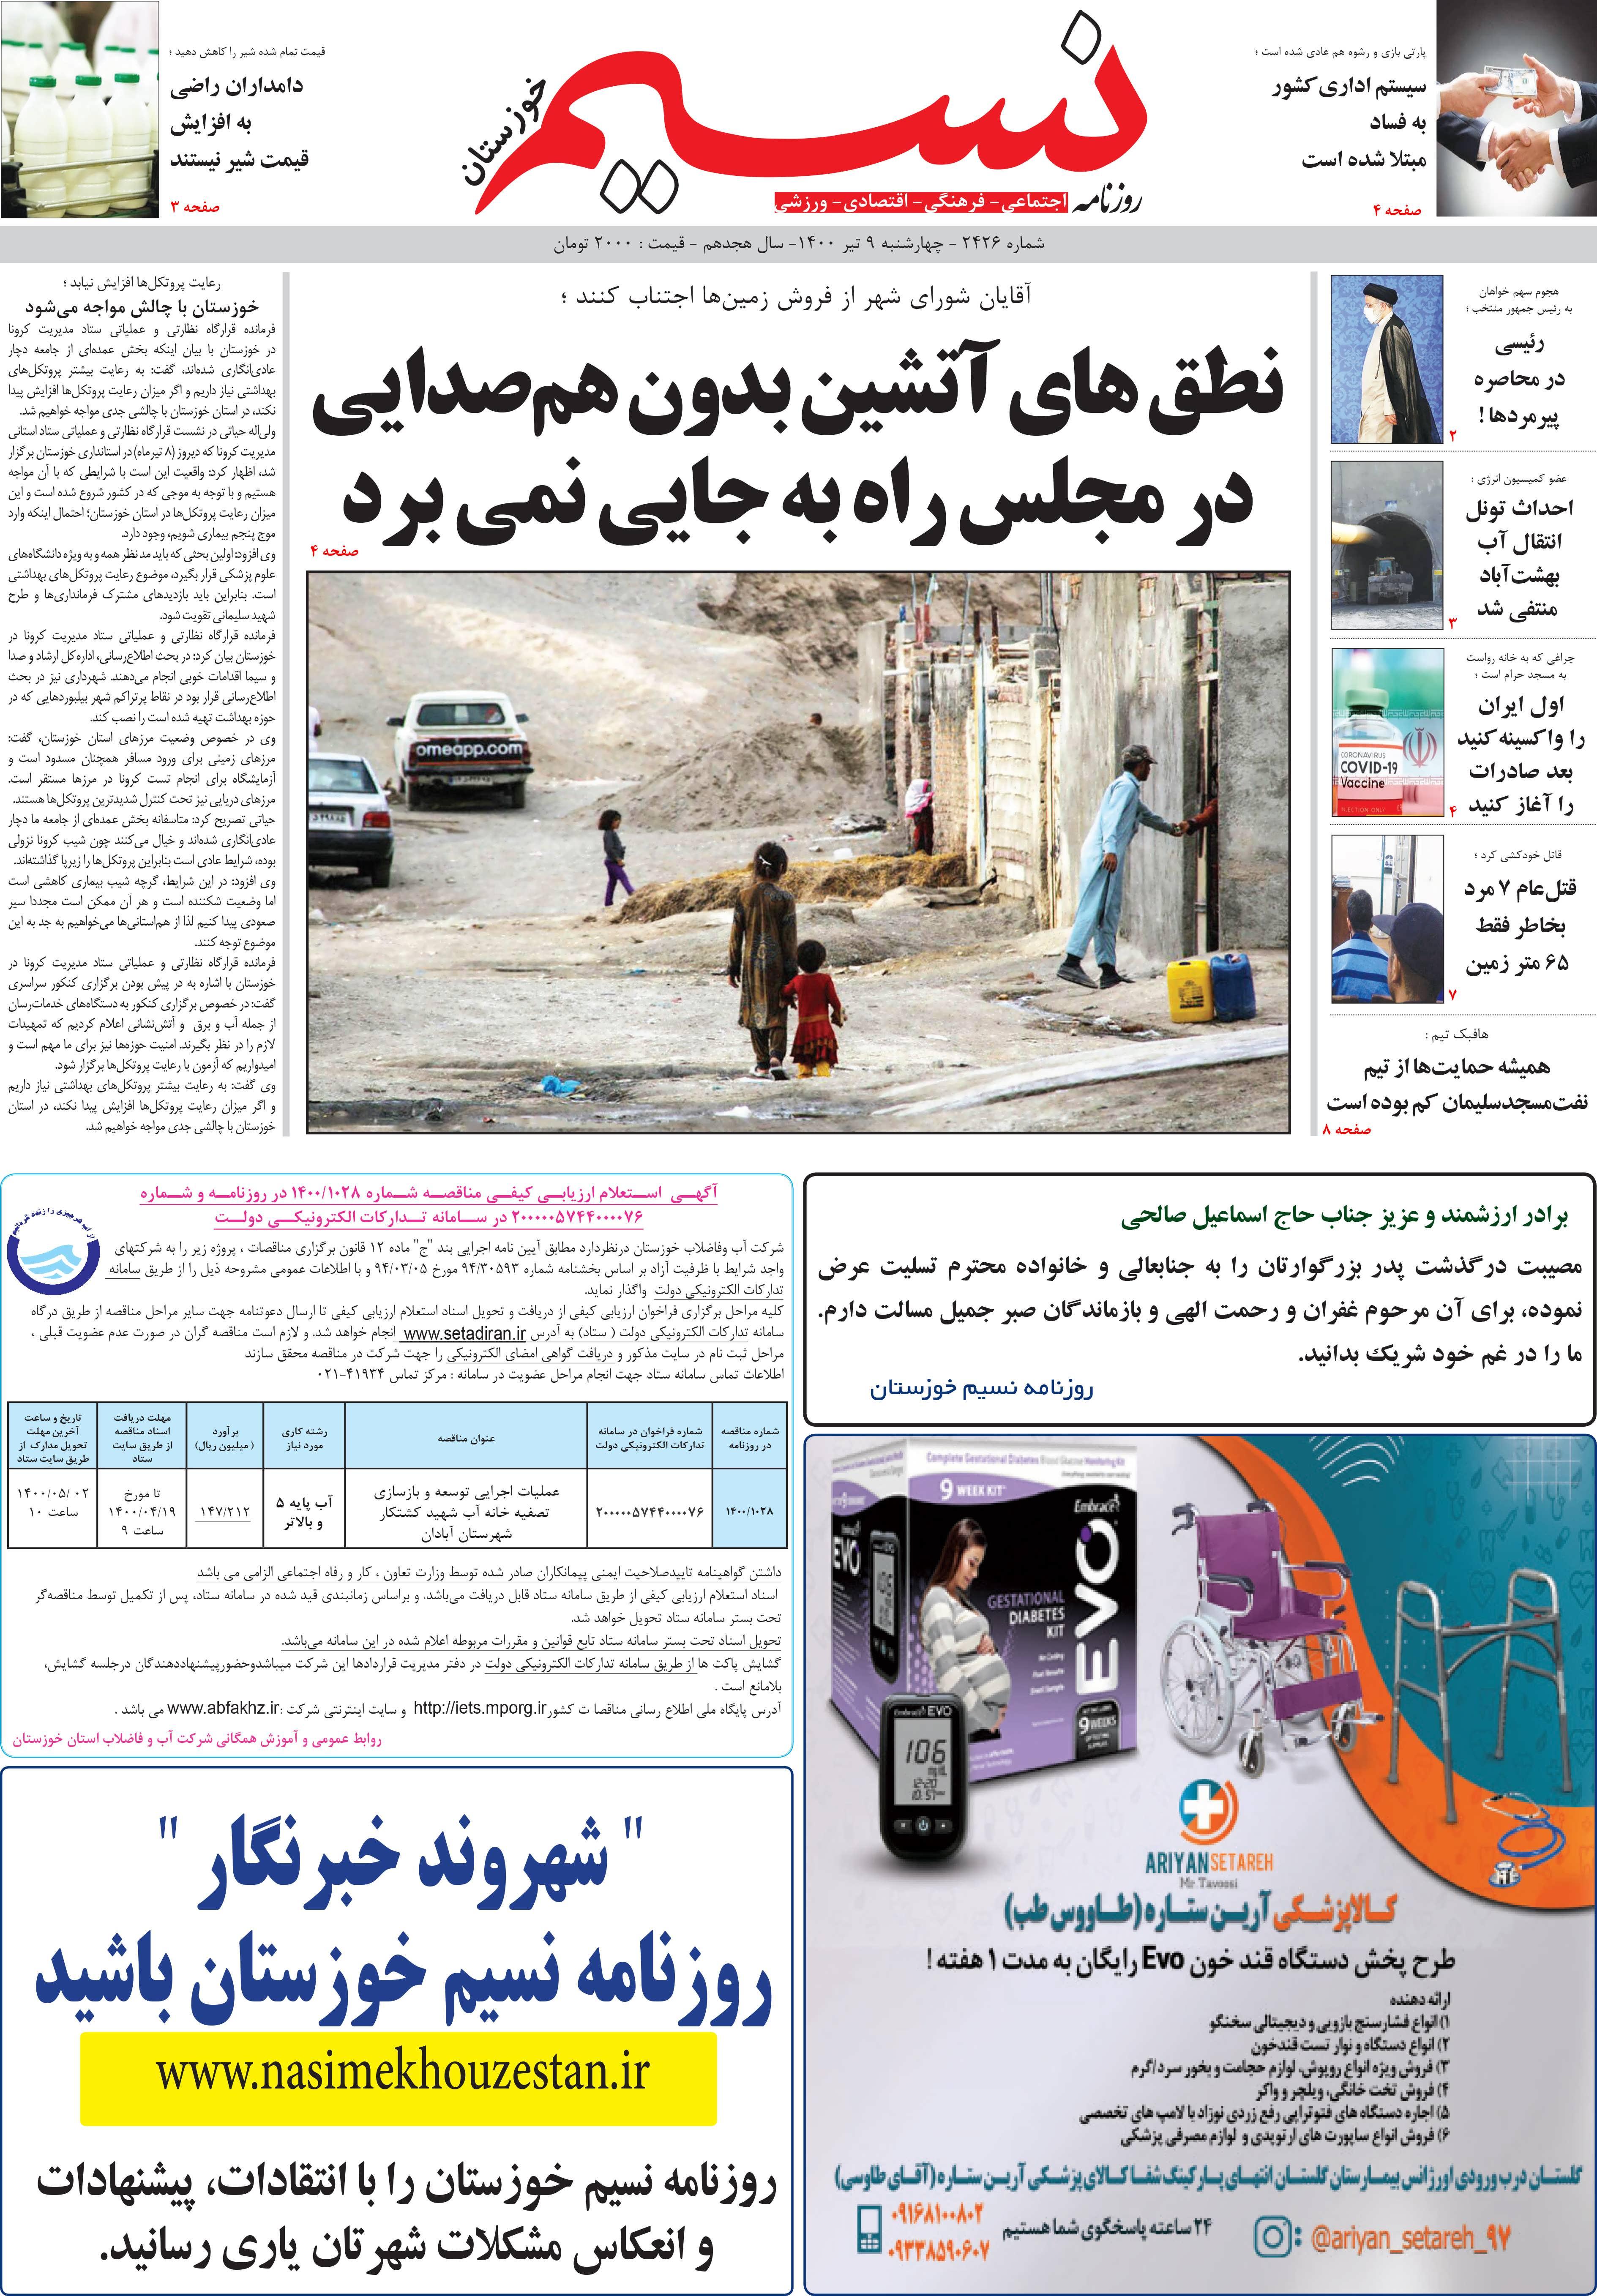 صفحه اصلی روزنامه نسیم شماره 2346